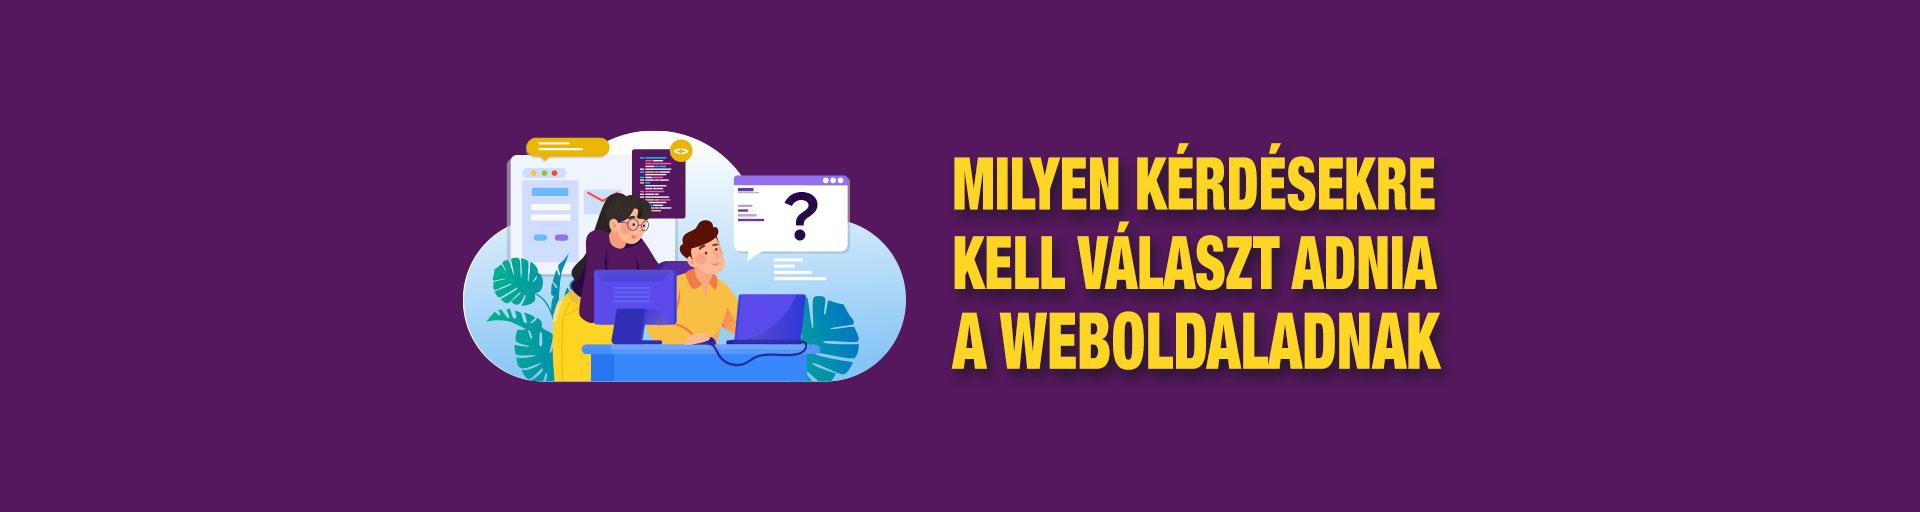 Milyen kérdésekre kell választ adnia a weboldaladnak